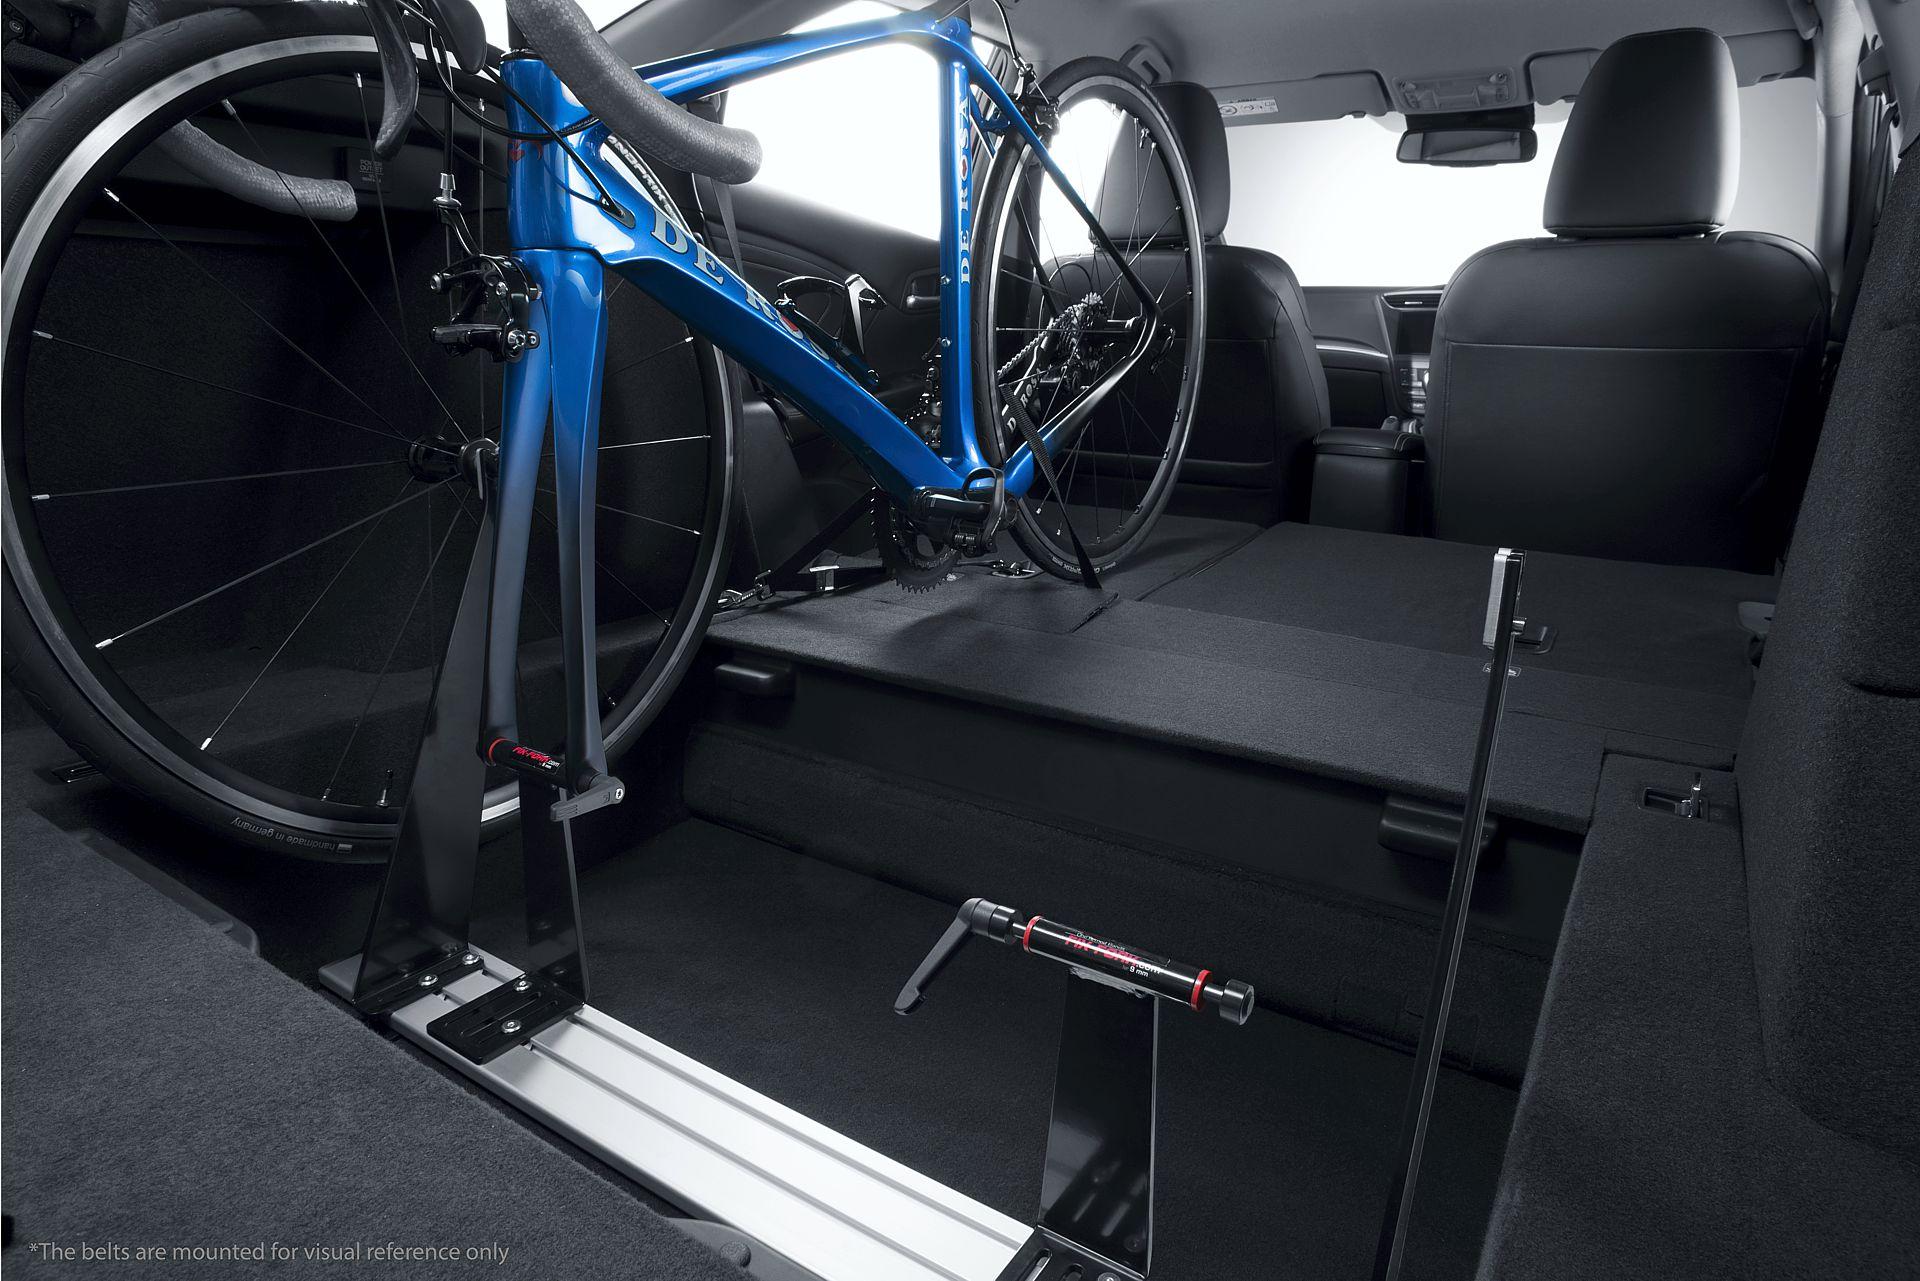 Fertig eingespannt und gezurrt - so fährt man sicher mit im Innenraum verstauten Rennrädern.